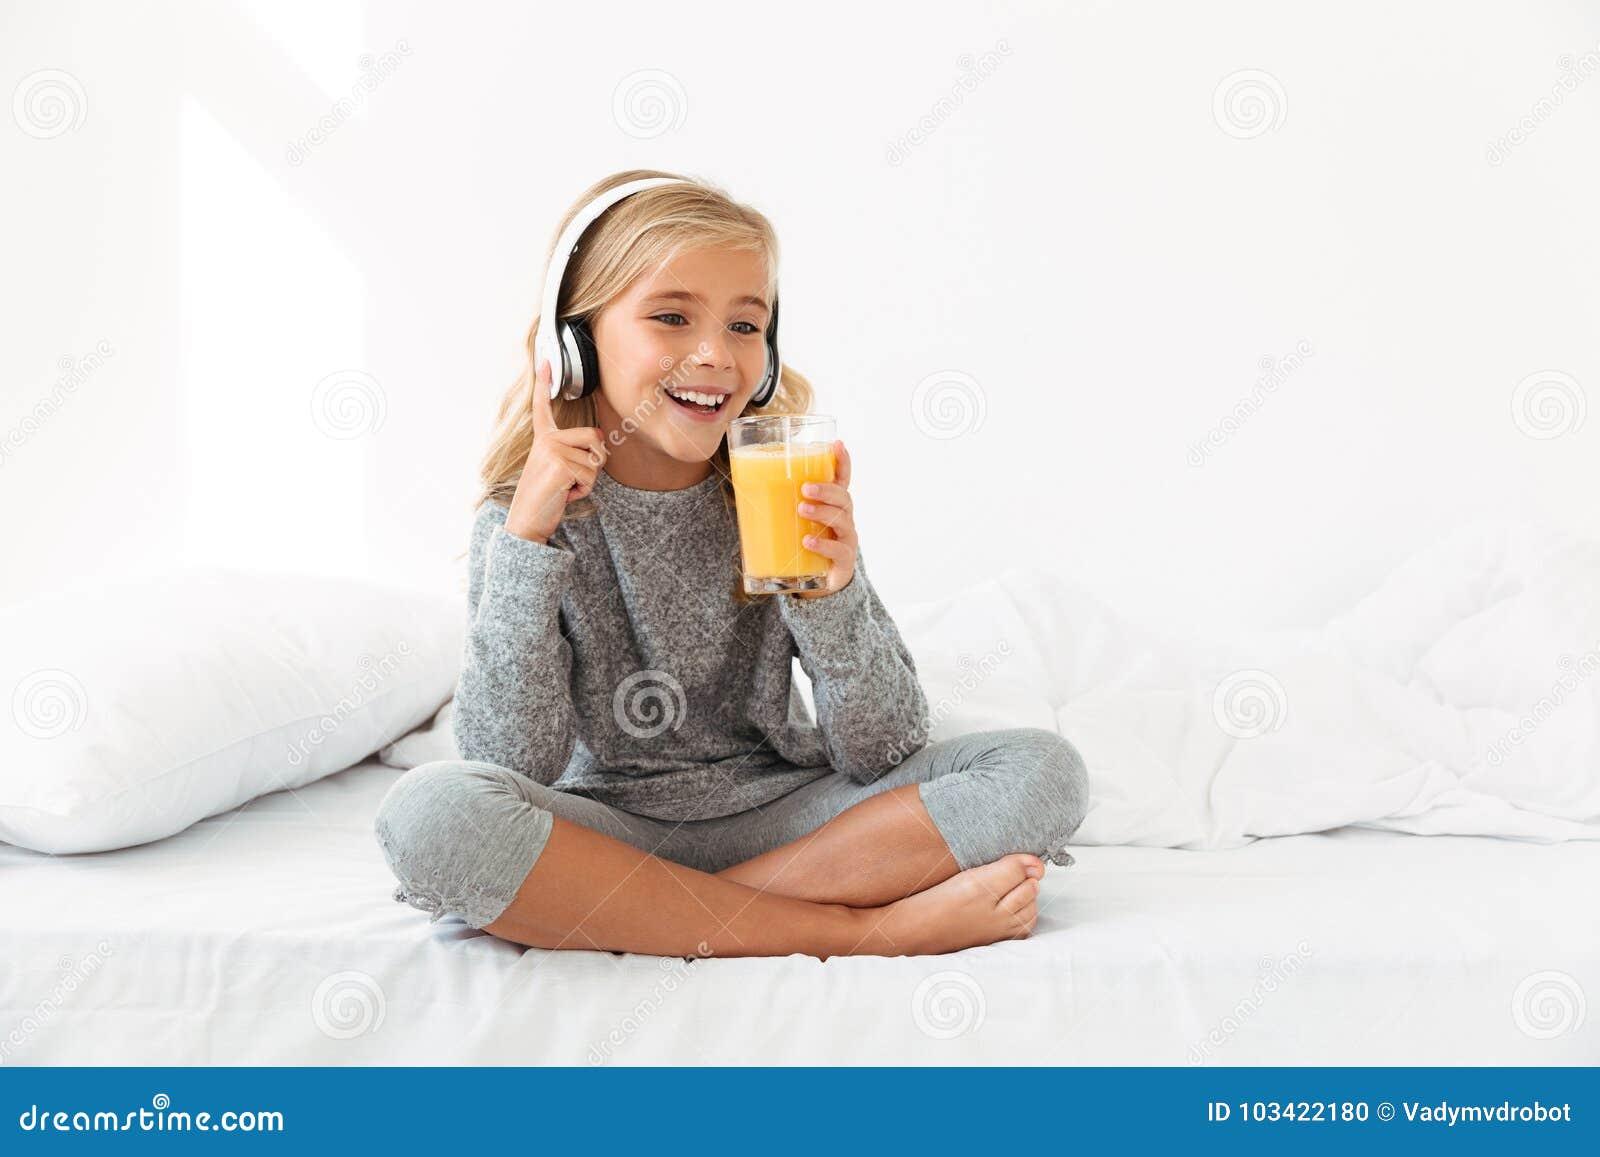 Dosyć mała blondynki dziewczyna trzyma szkło orang w szarych piżamach